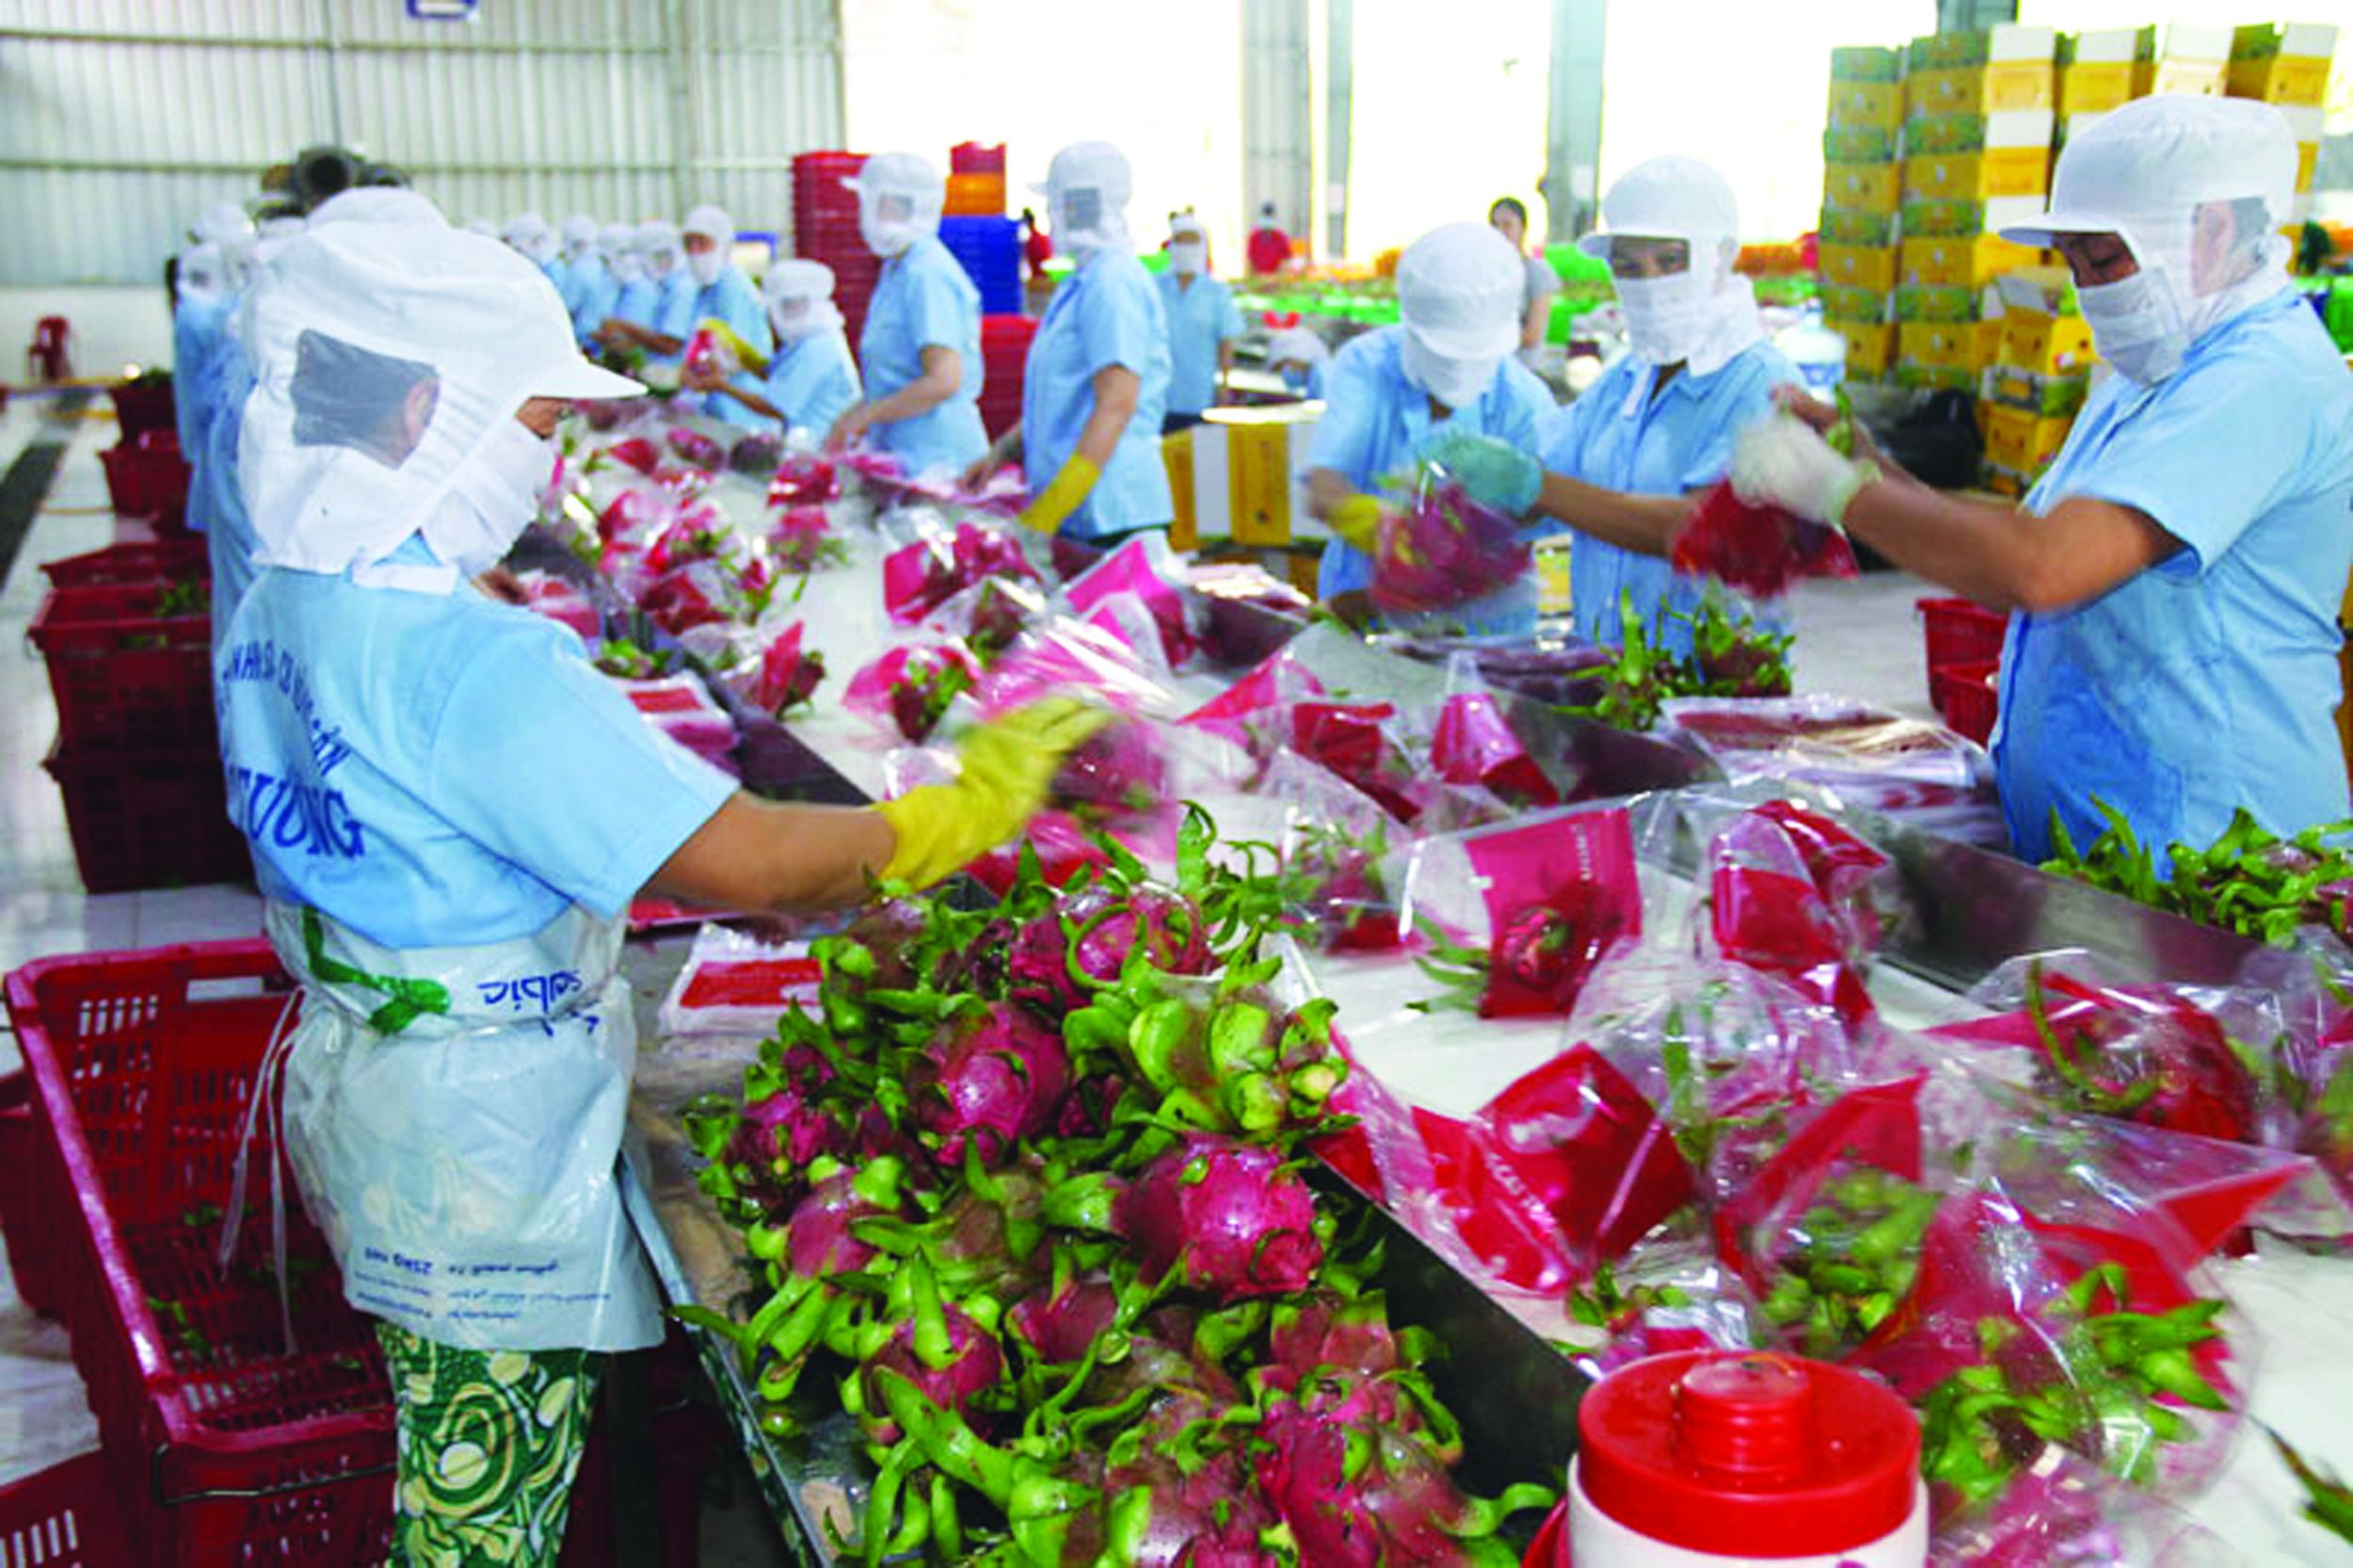 Thương mại nông sản Việt Nam - Trung Quốc nhìn từ con số thống kê: Thực tiễn, vấn đề và giải pháp Ảnh 1